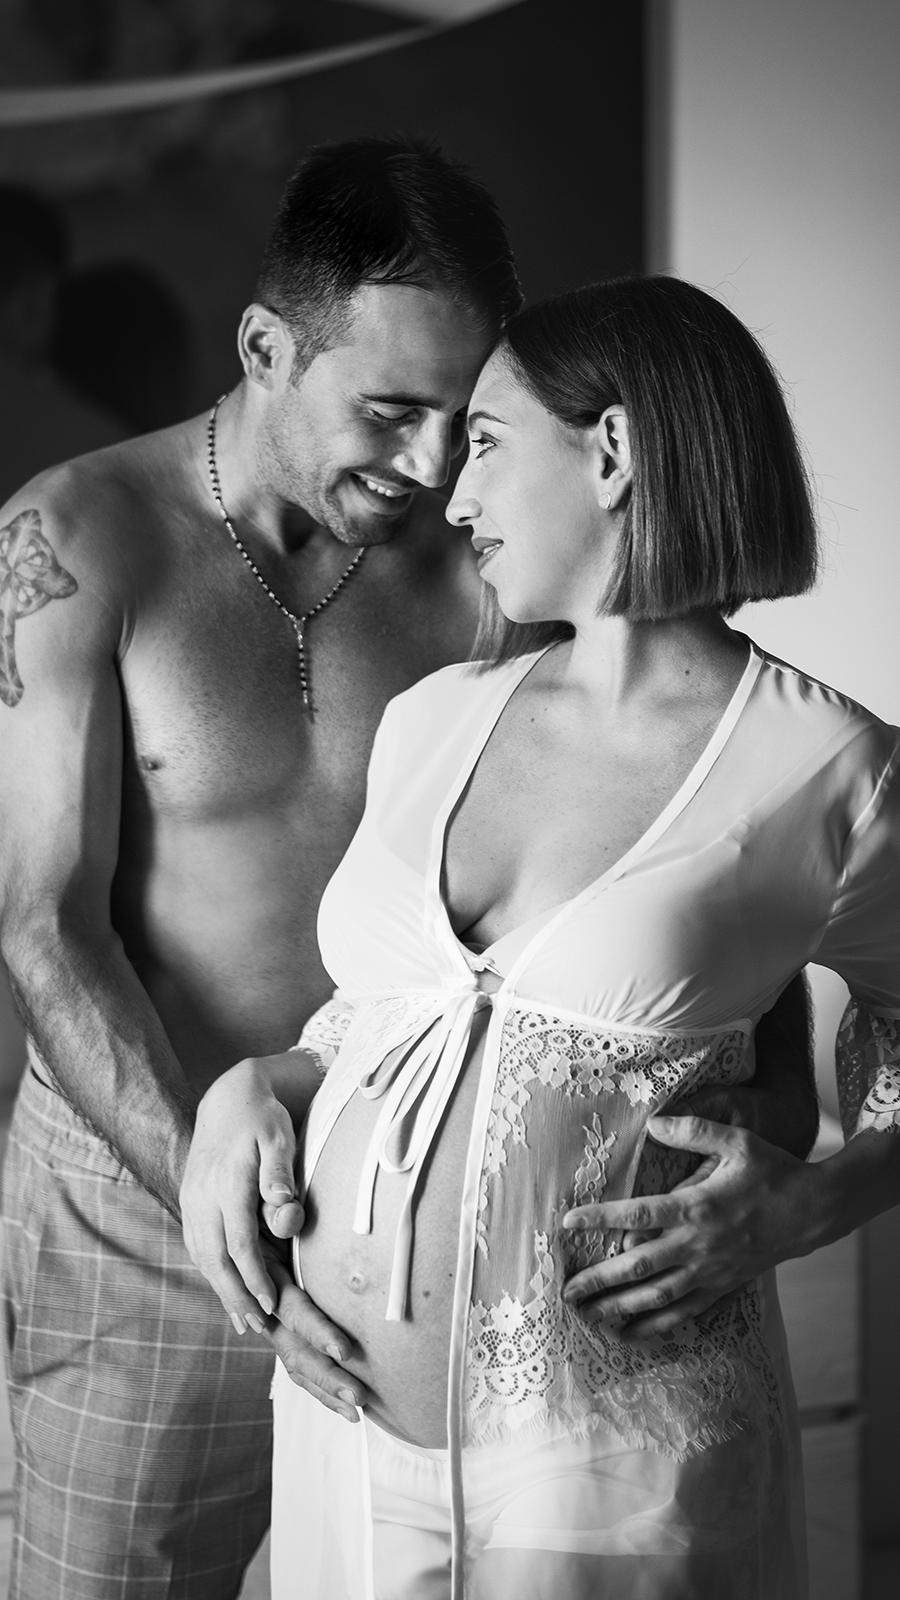 foto moglie e marito